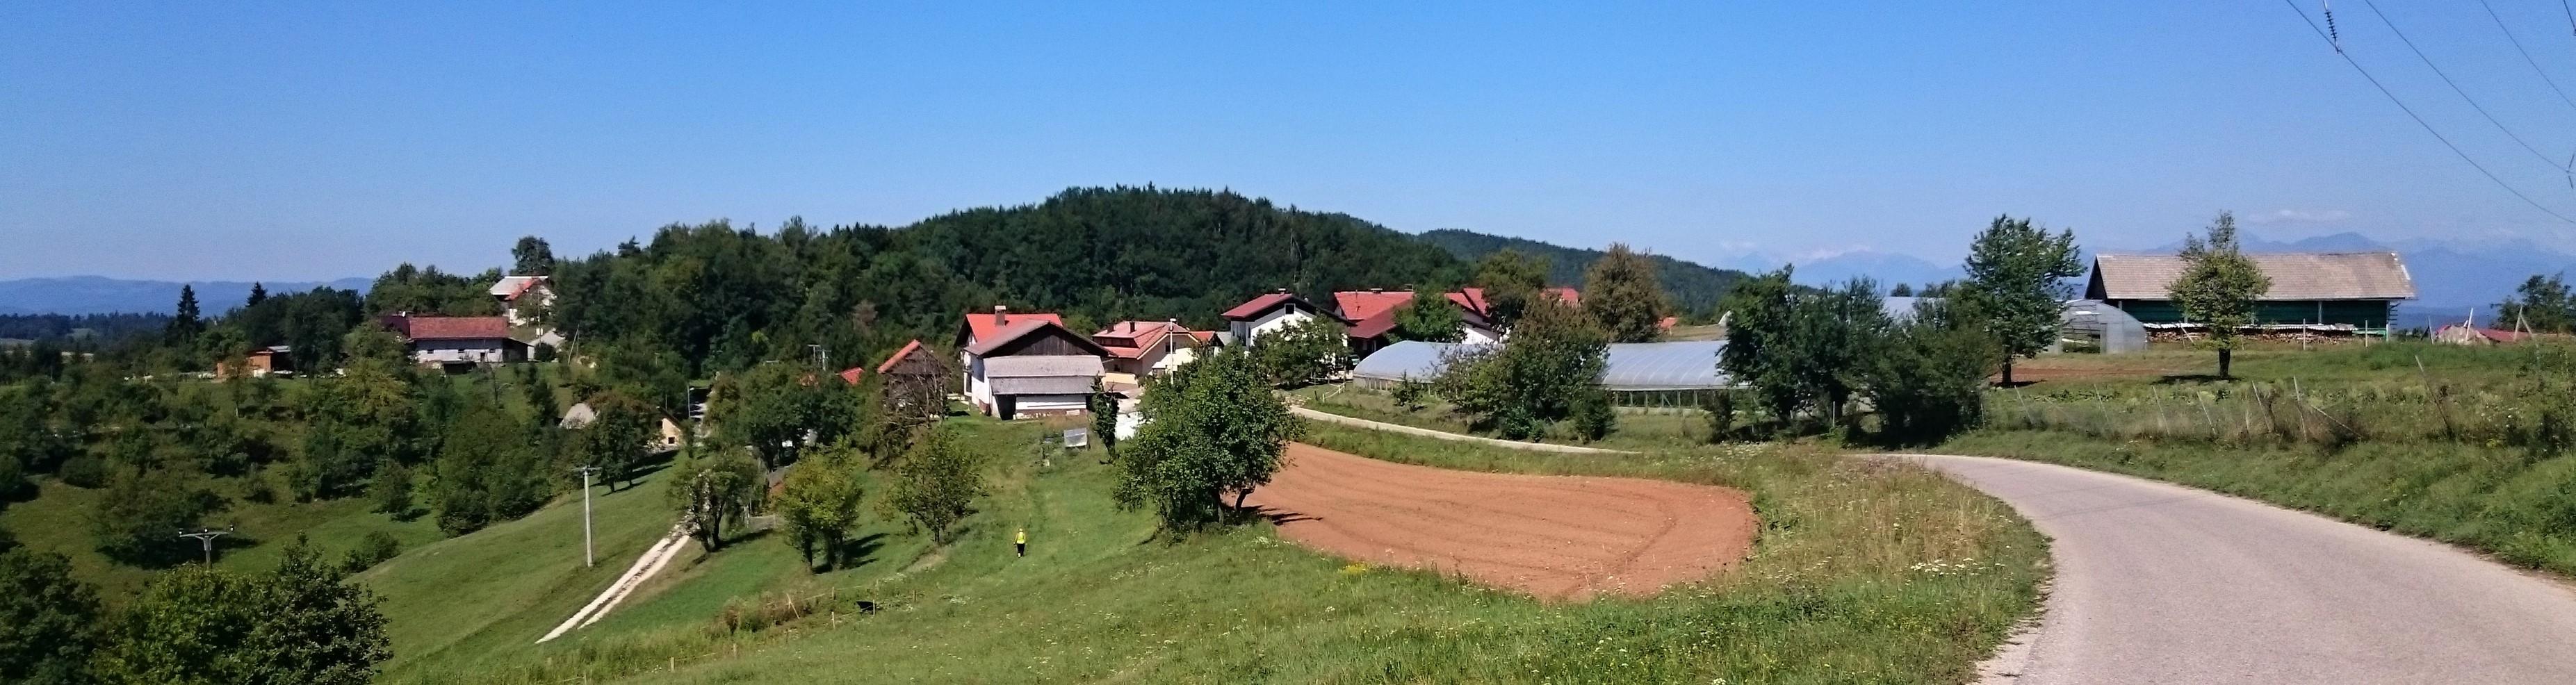 Repče, Ljubljana